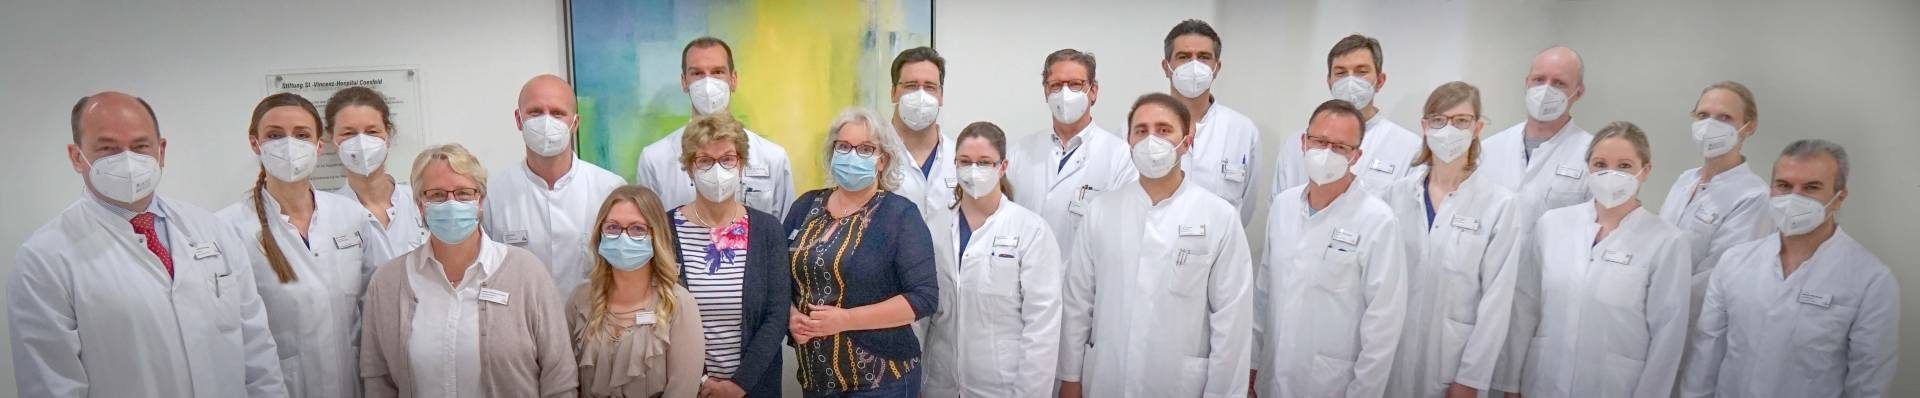 Christophorus-Kliniken Team CK1